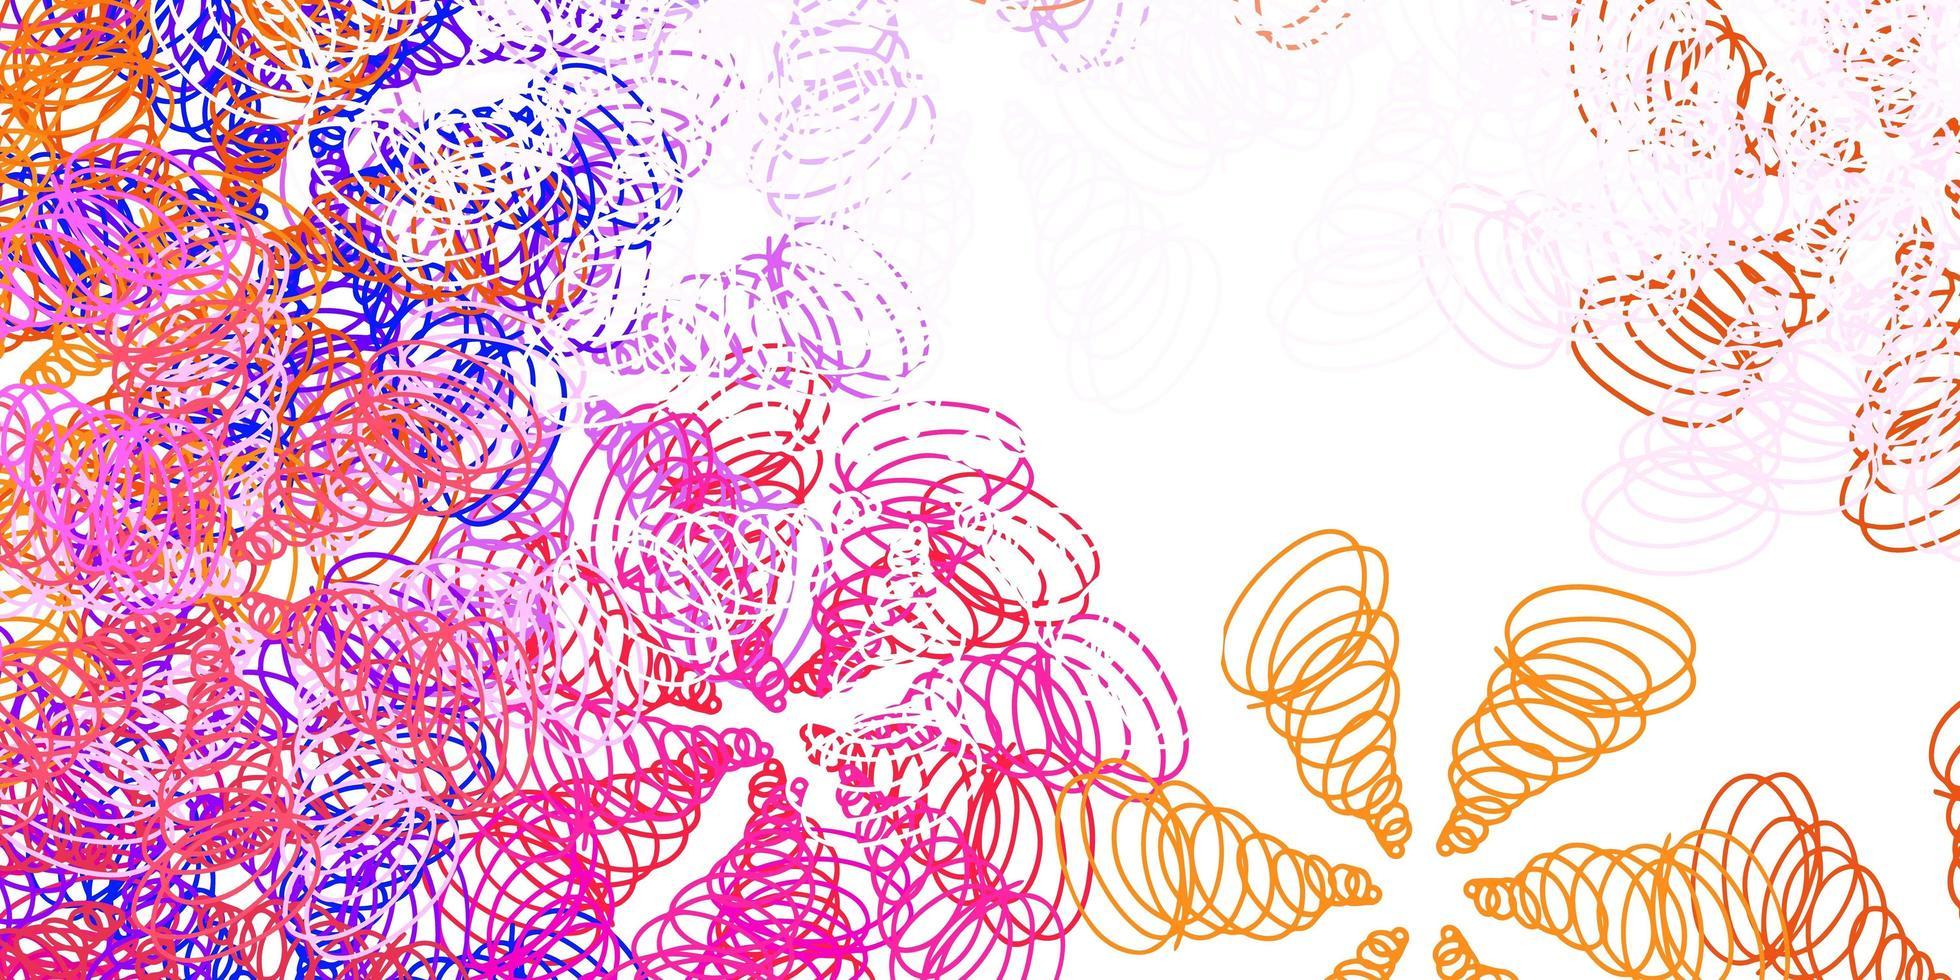 modello vettoriale rosa chiaro, giallo con linee.